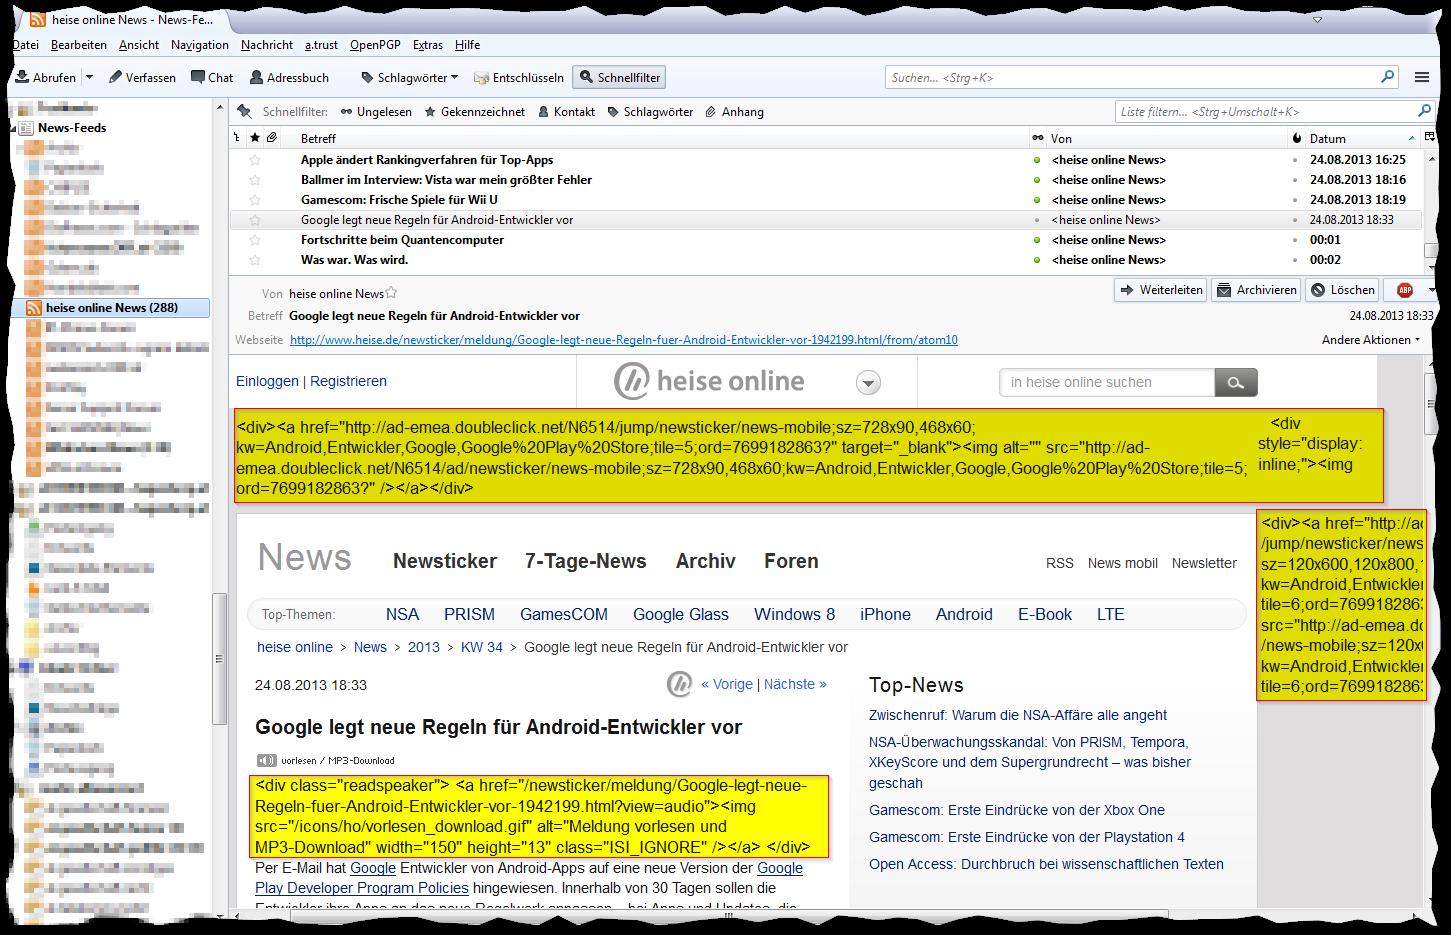 Mozilla Thunderbird - Heise online Newsfeed - Originaldarstellung problembehaftet